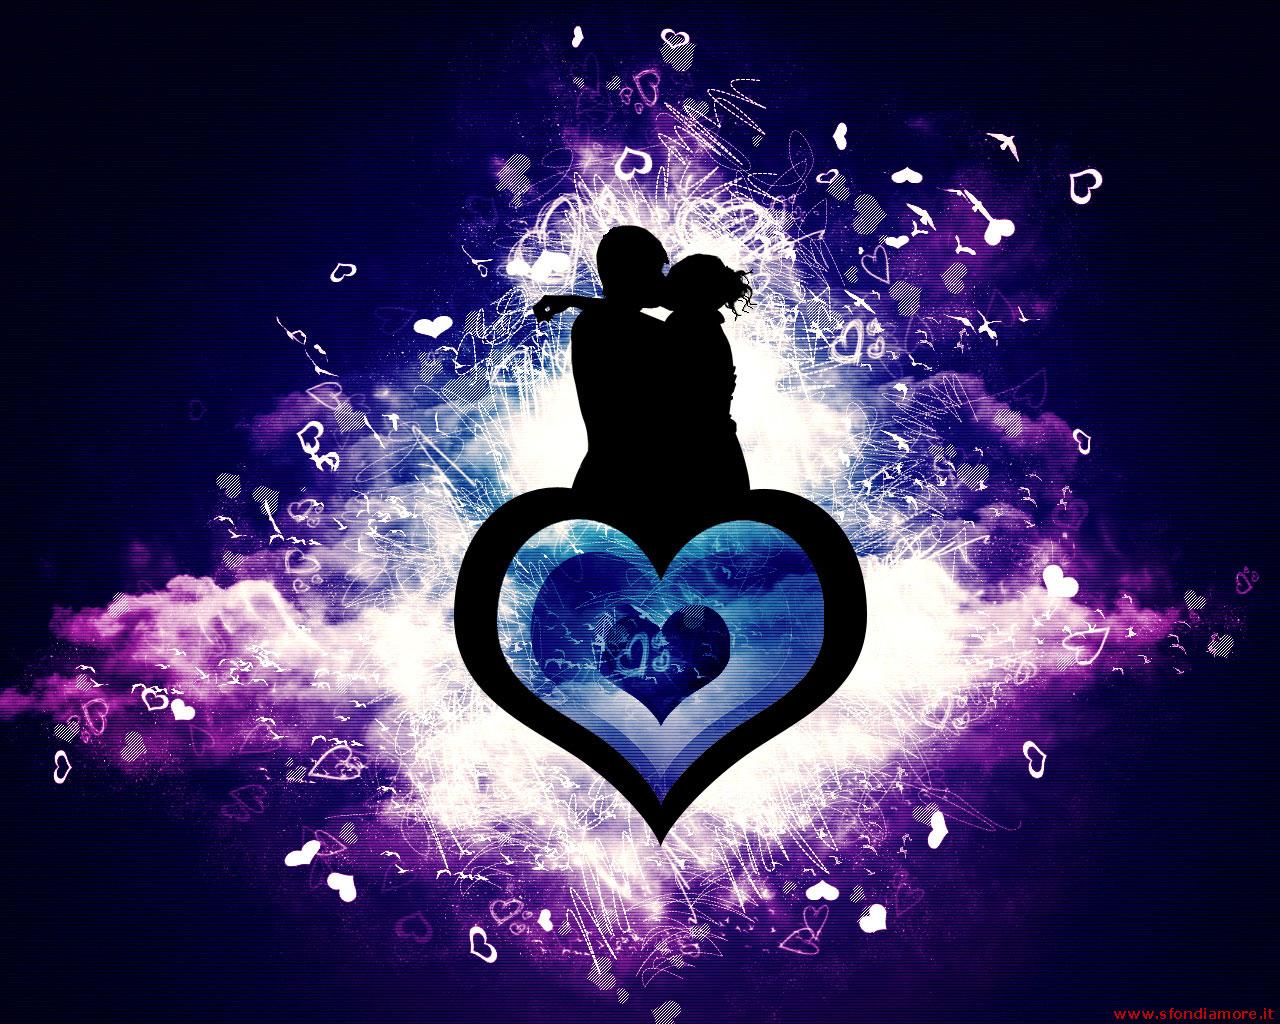 Download Hd Wallpaper Of Love Couple With Quotes Hd: Sfondi-romantici * Frasi E Aforismi Straordinari